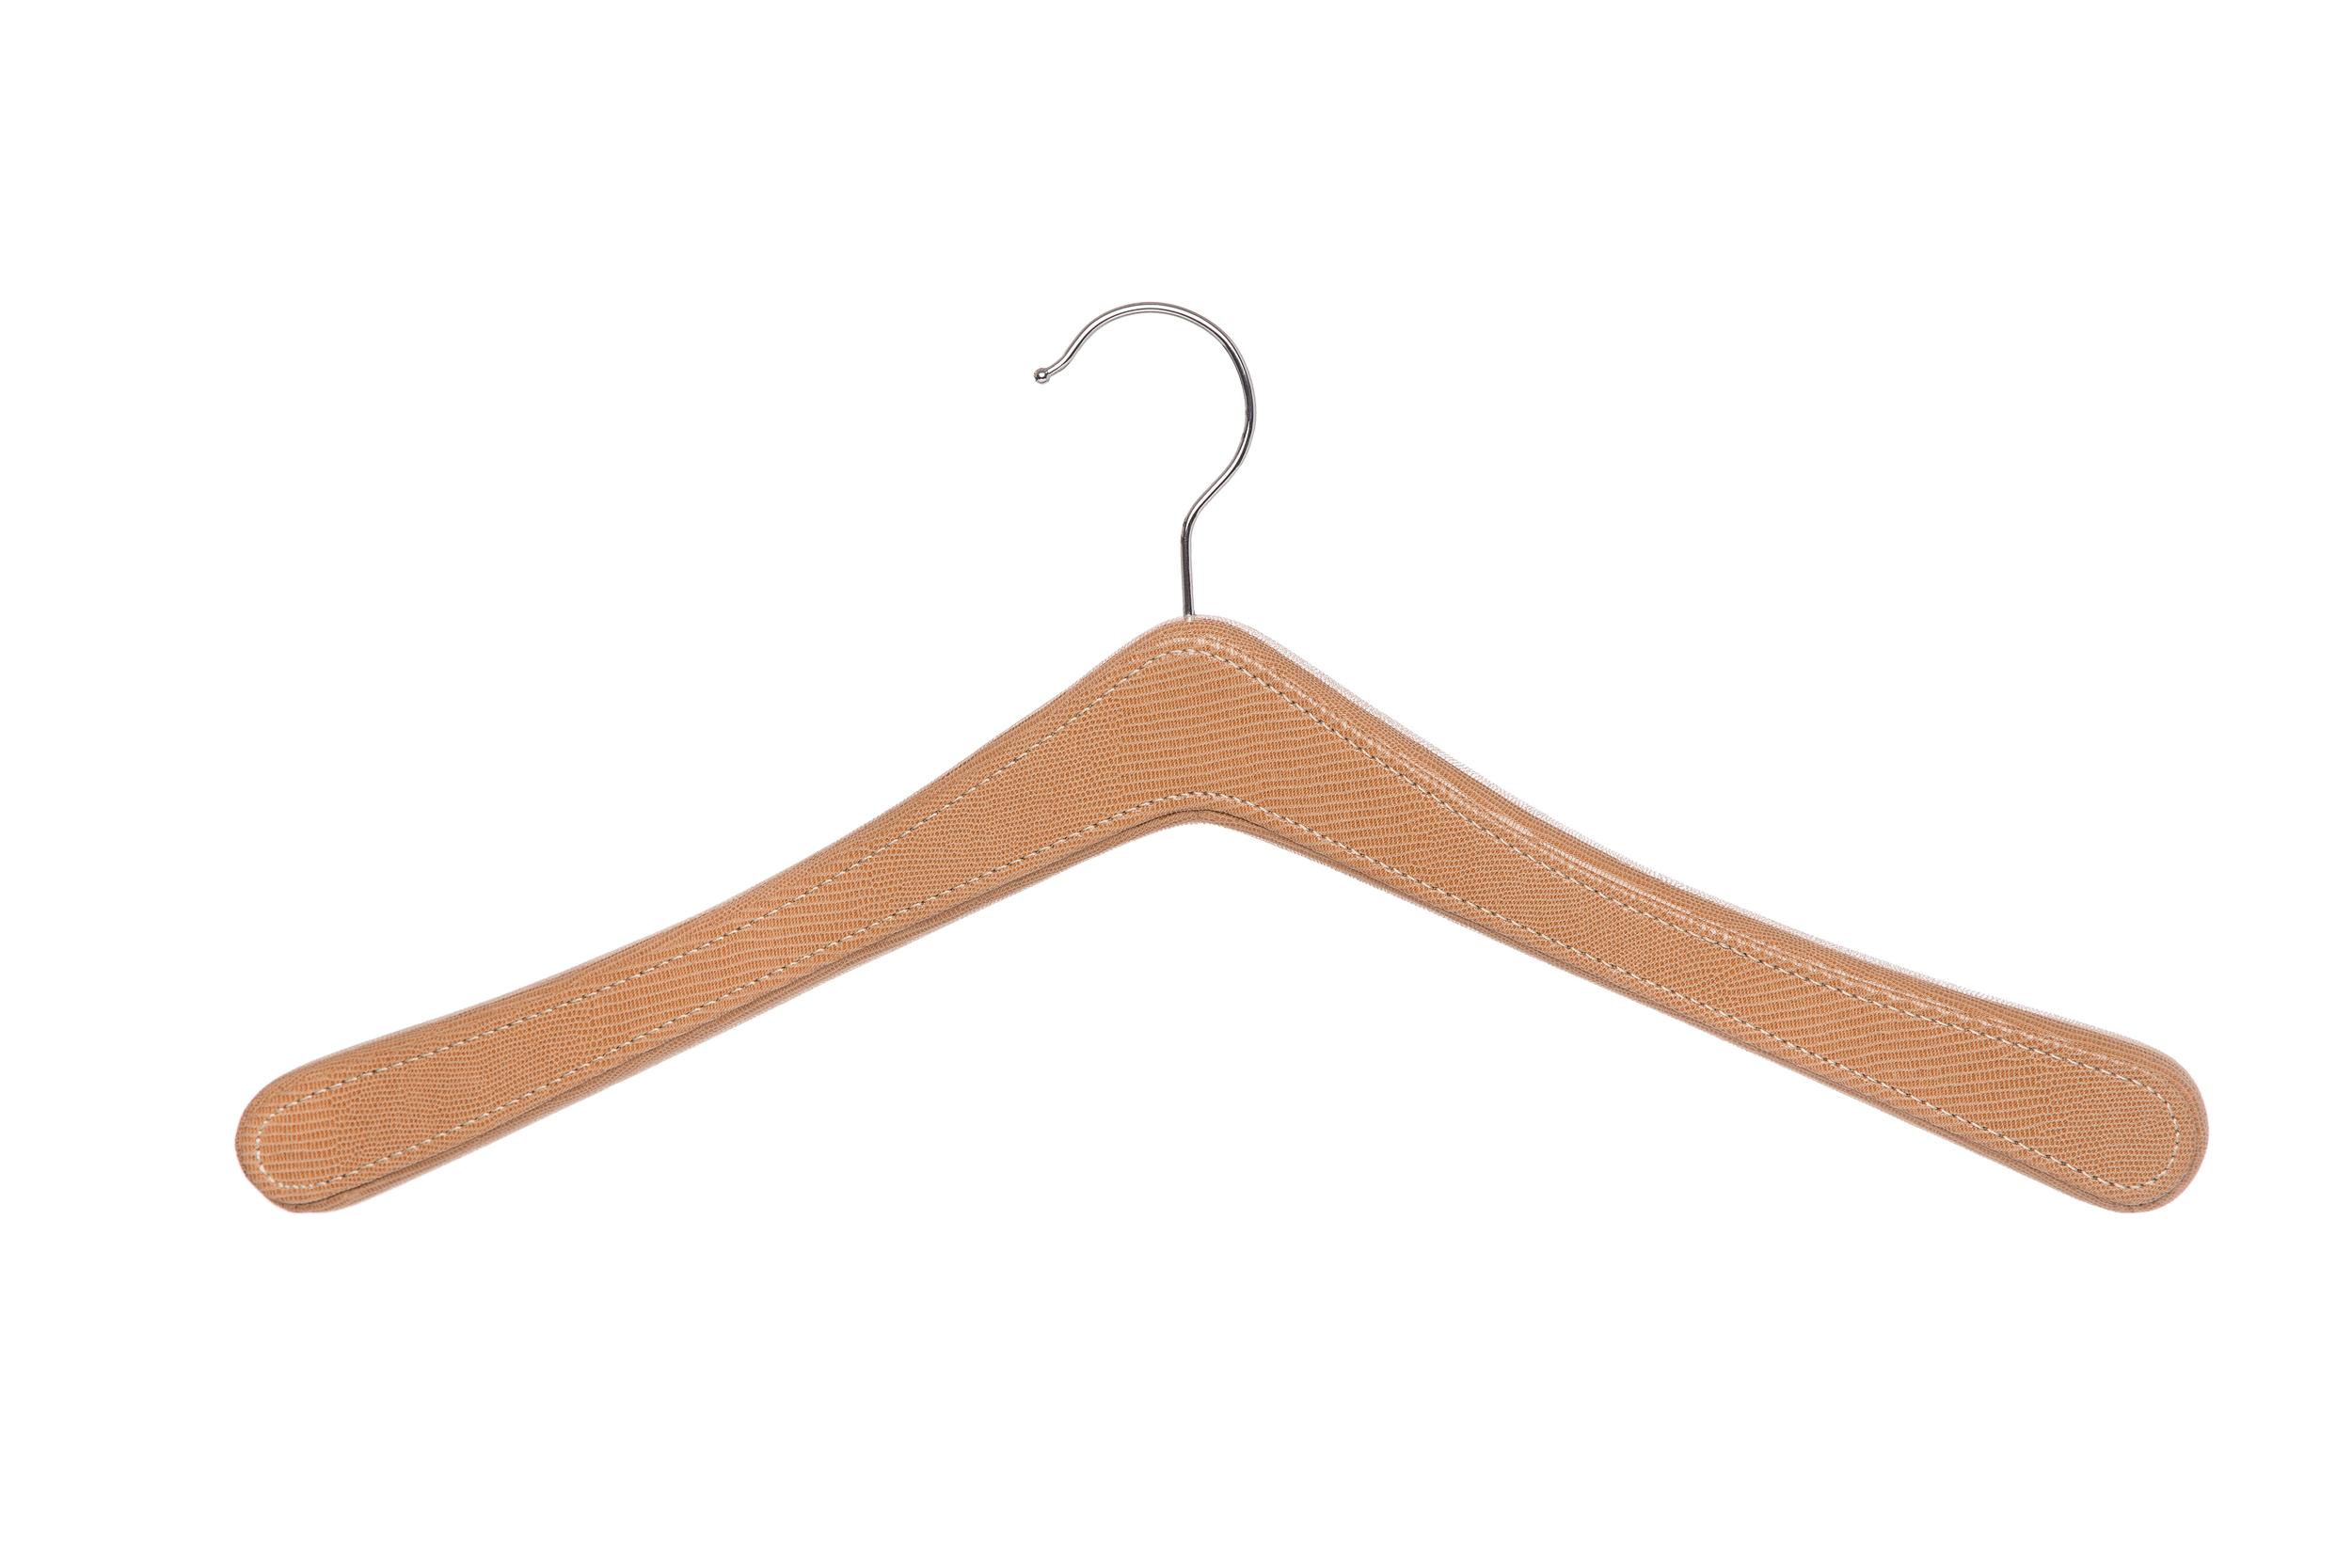 Mike&Ally-Hanger-5508.jpg